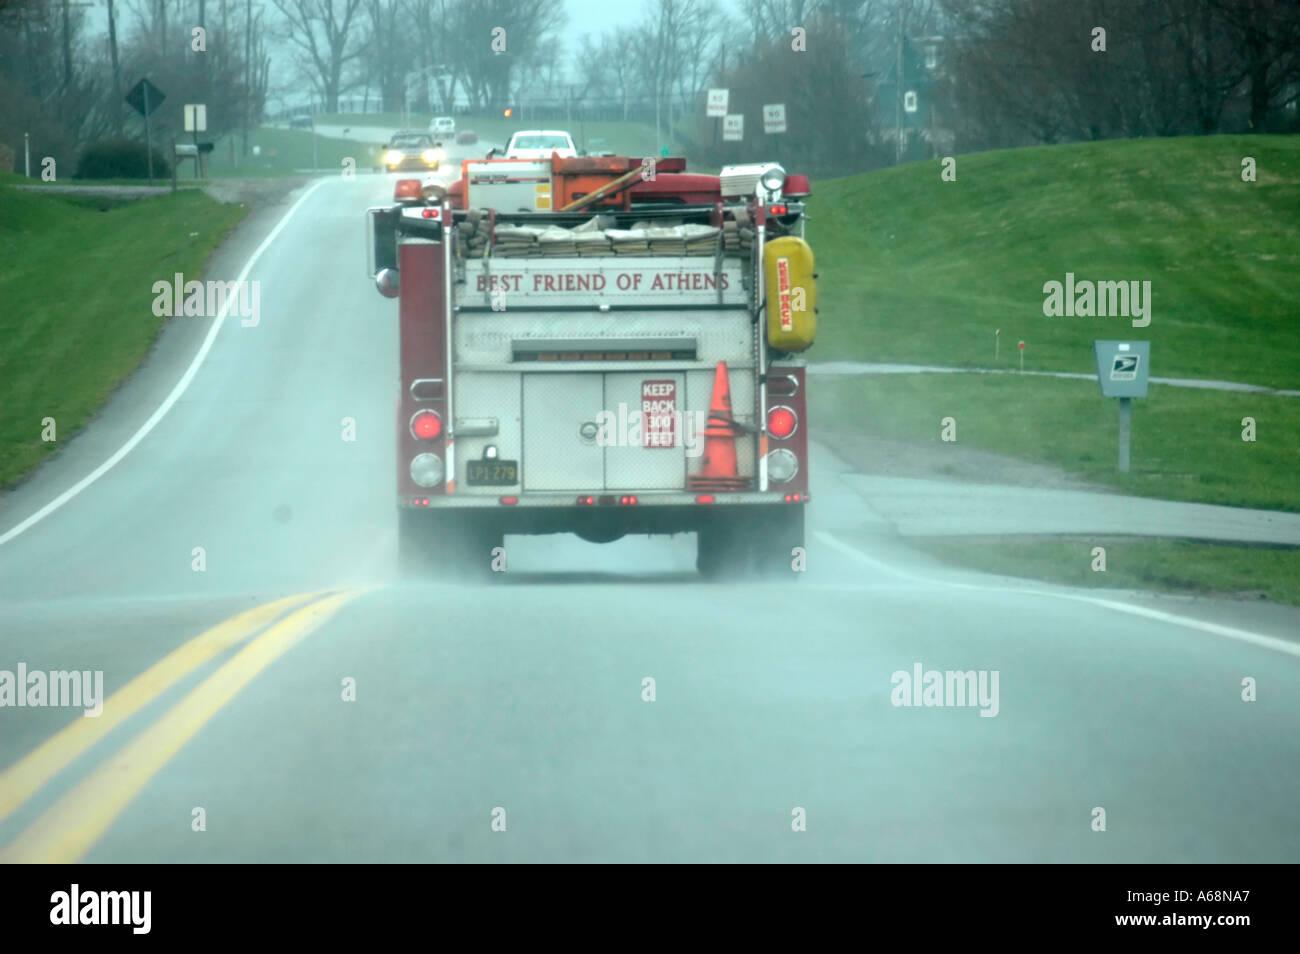 Vista trasera de un camión de bomberos rojo aceleración hacia abajo de una lluvia slicked road en la región Bluegrass de Kentucky, EE.UU. Foto de stock